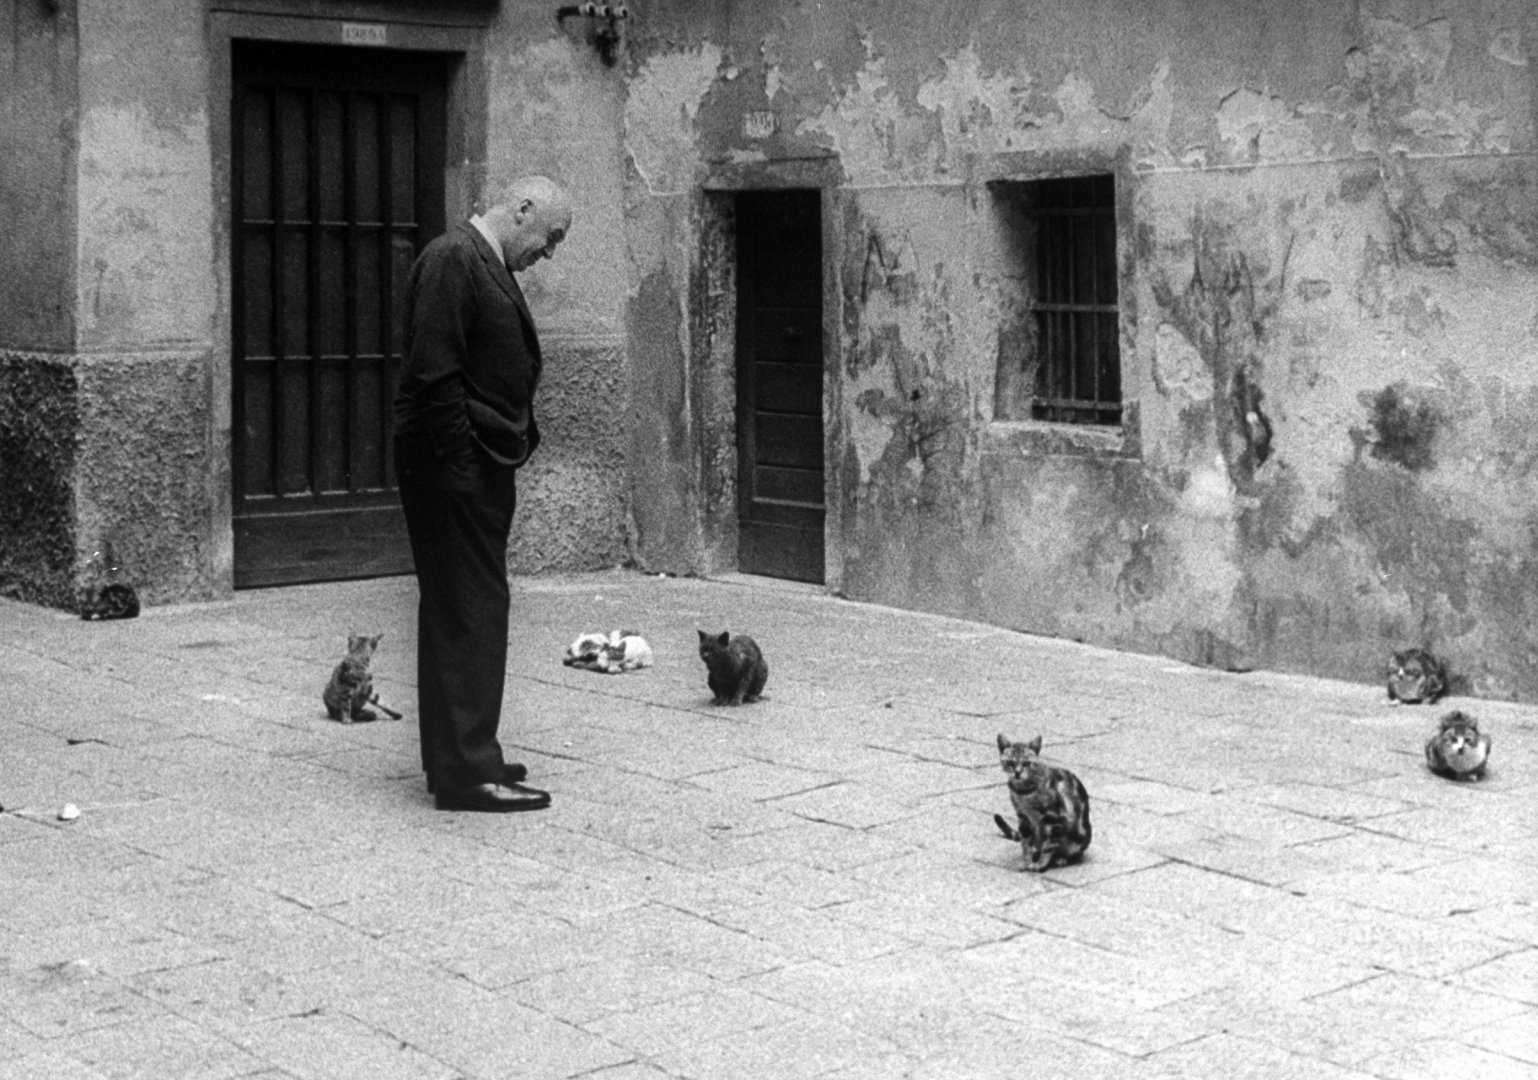 Отто Премингер смотрит на бродячих кошек на улице в Венеции во время участия в Венецианском кинофестивале, на котором был показан его фильм «Анатомия убийства»